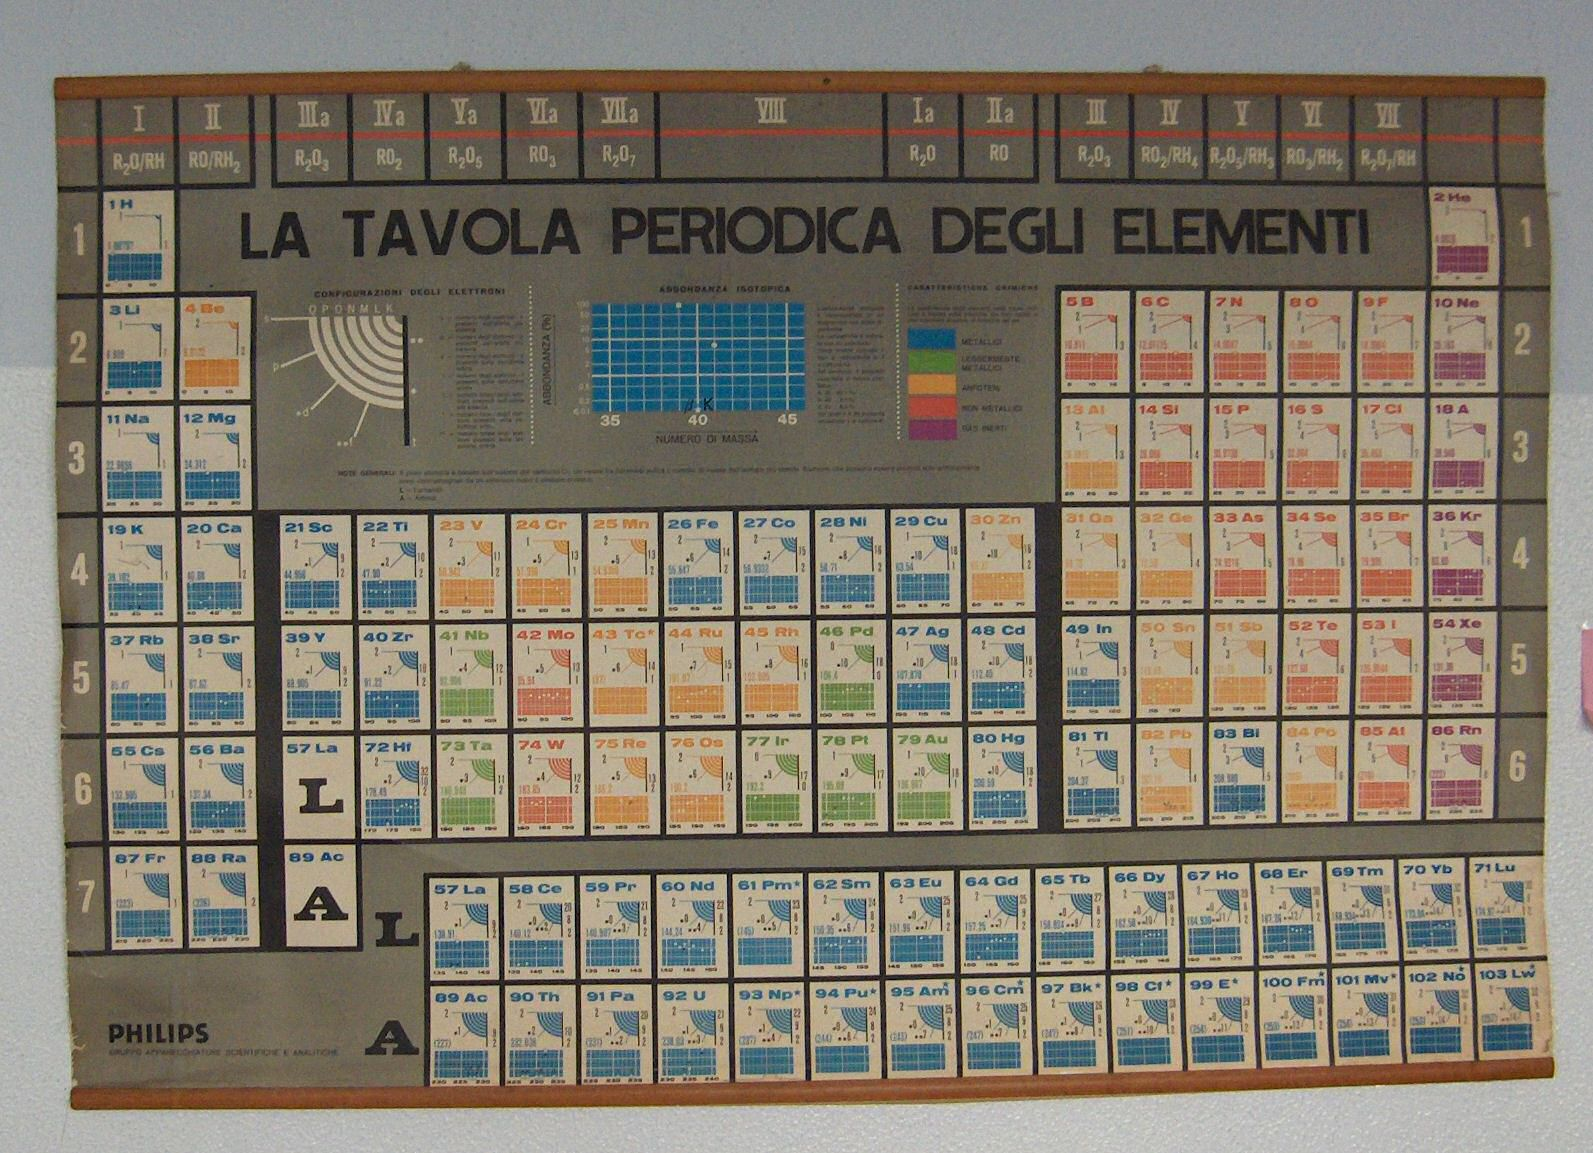 Esperienze di chimica i mattoni dell 39 universo - Quali sono i metalli nella tavola periodica ...